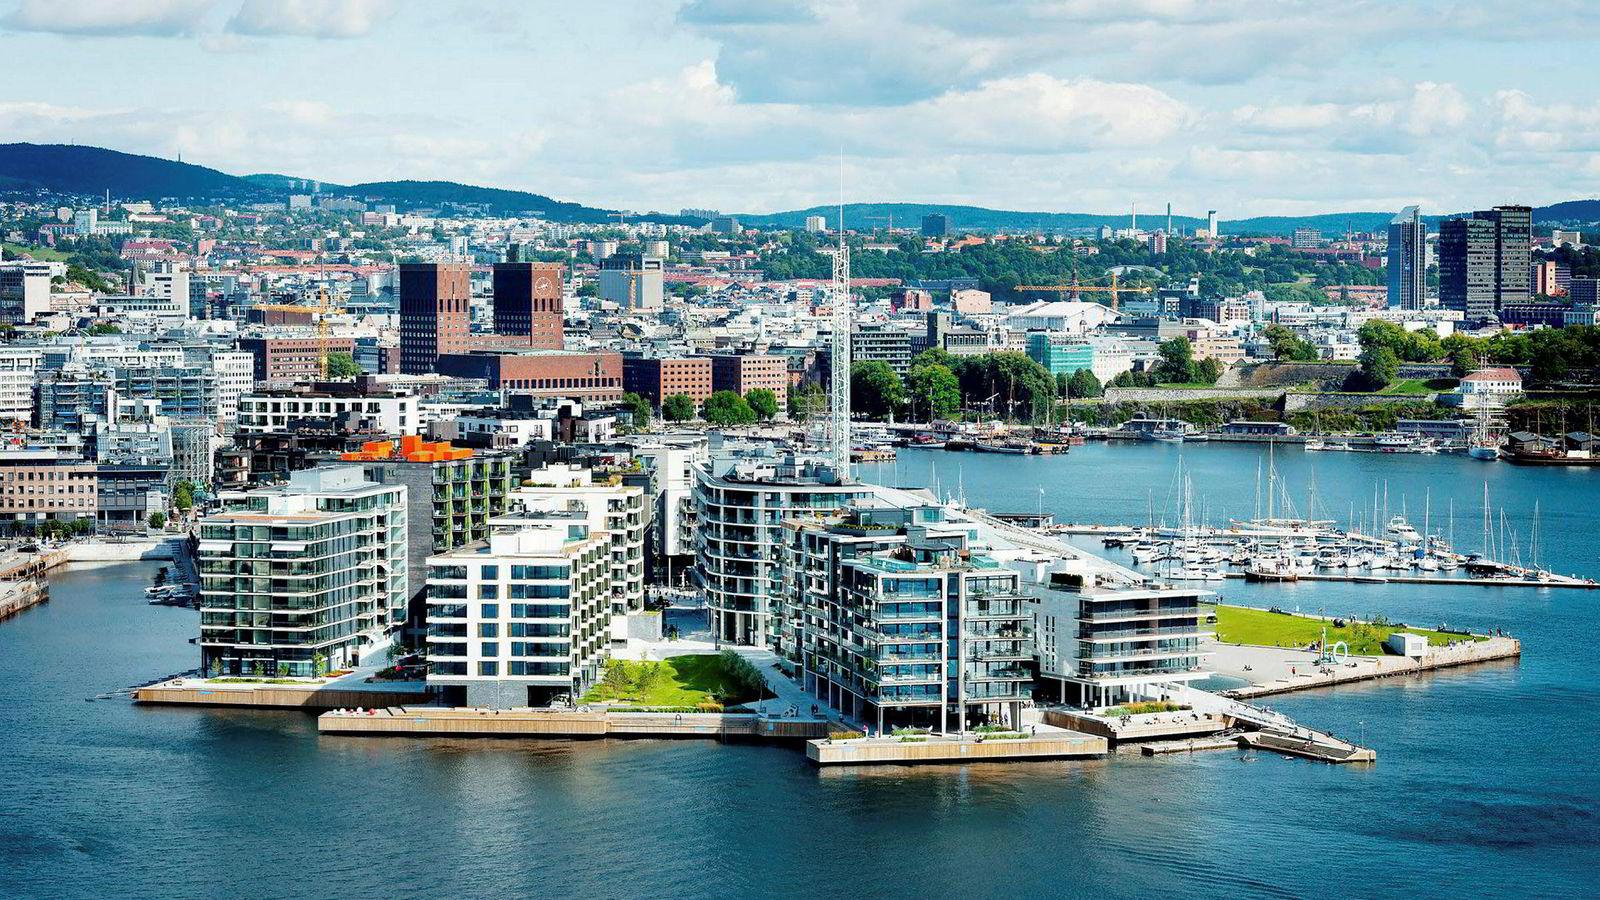 Alexander Sunde har solgt leiligheten sin i Kavringen brygge 6 i bygget lengst til høyre i bildet.